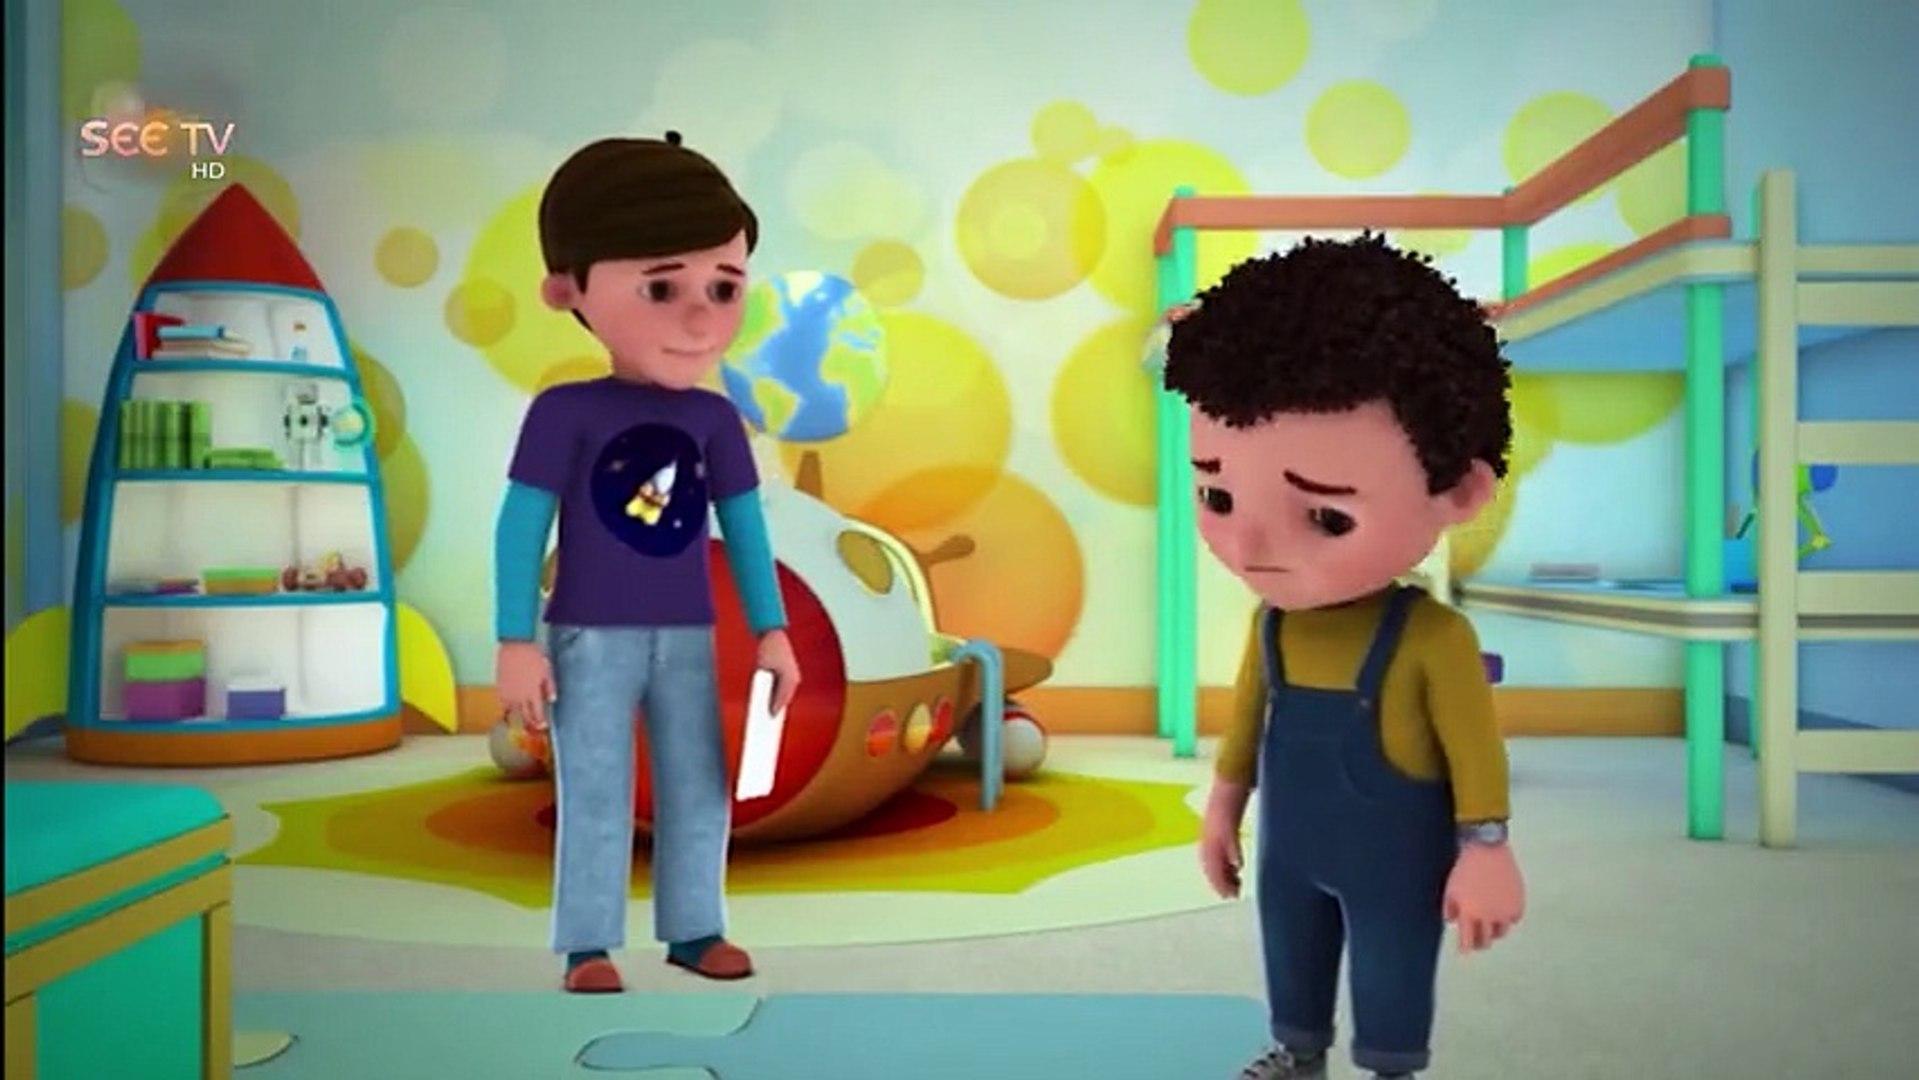 Jaan Cartoon Episode 90 on See tv